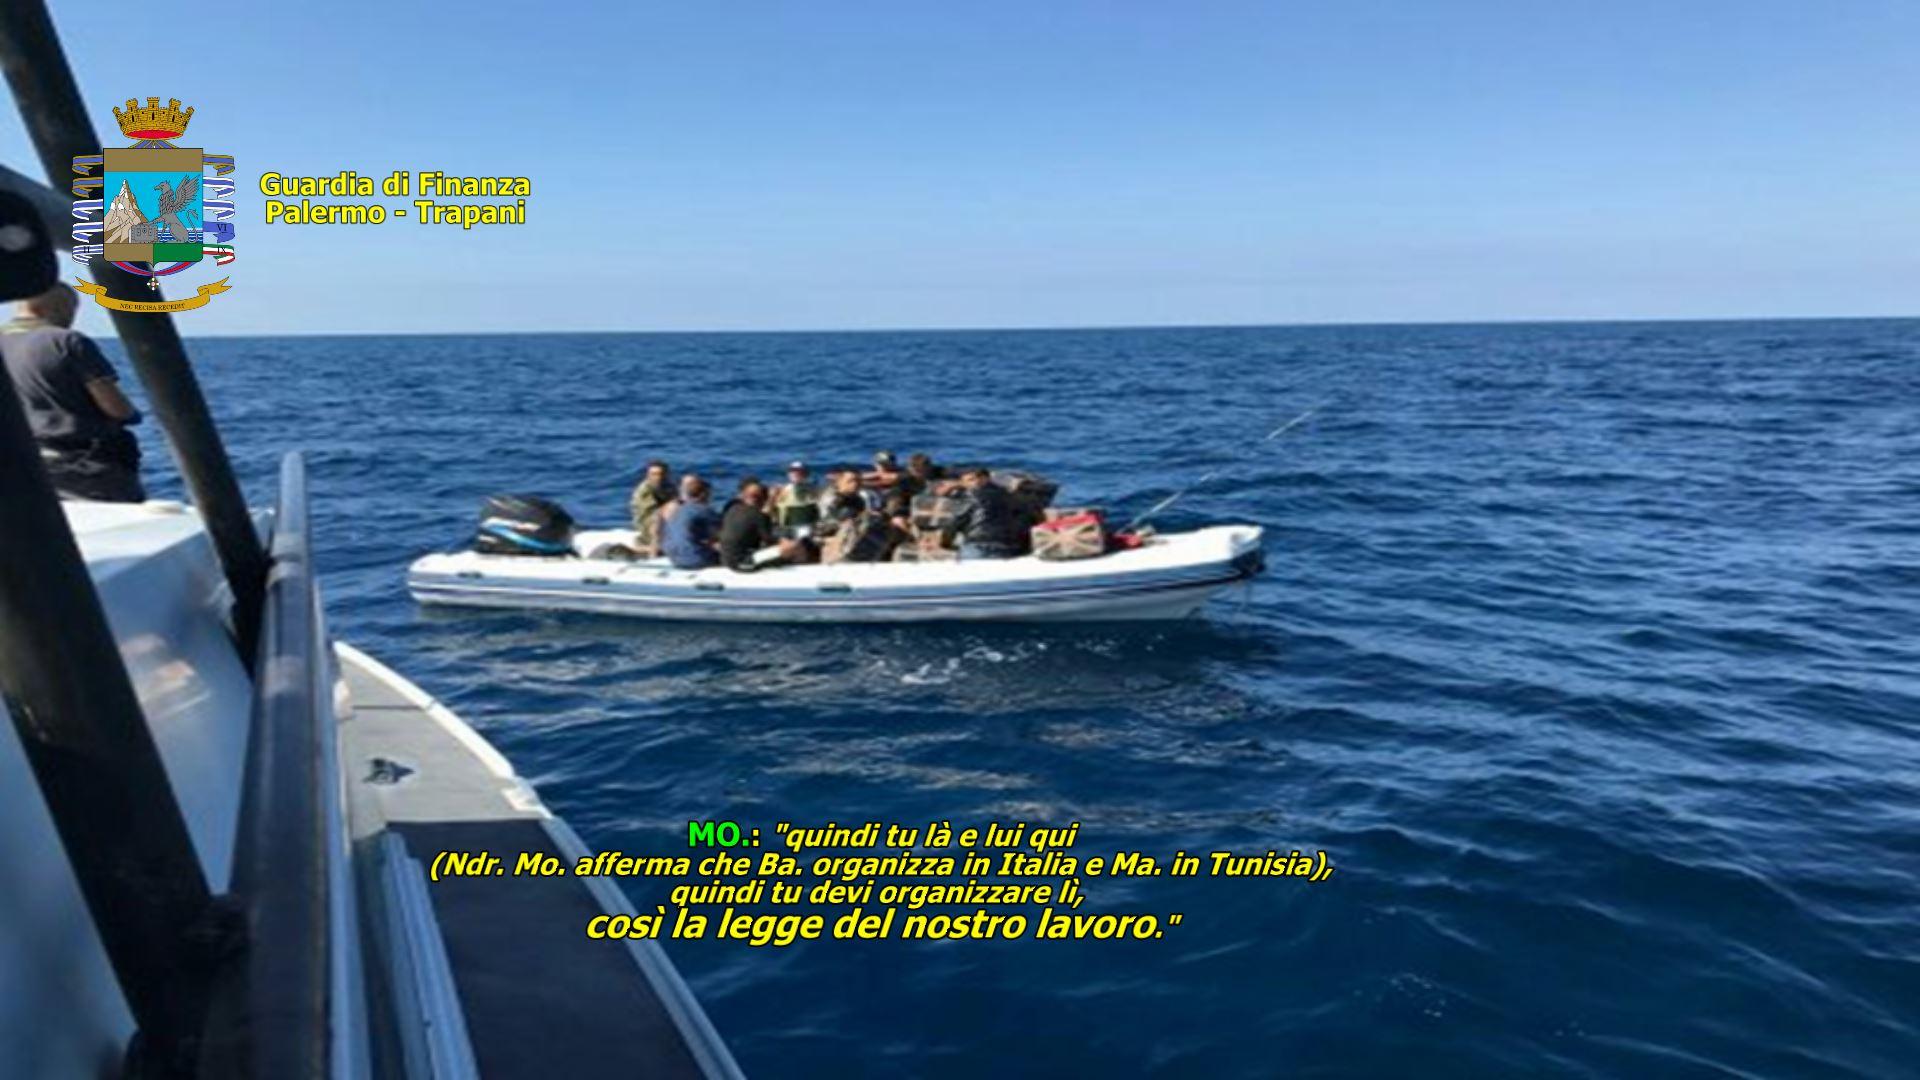 """OPERAZIONE """"SCORPION FISH 2"""". Smantellata organizzazione criminale Italo-Tunisina. In corso d'esecuzione 13 arresti e perquisizioni a Mazara, Marsala e Palermo"""